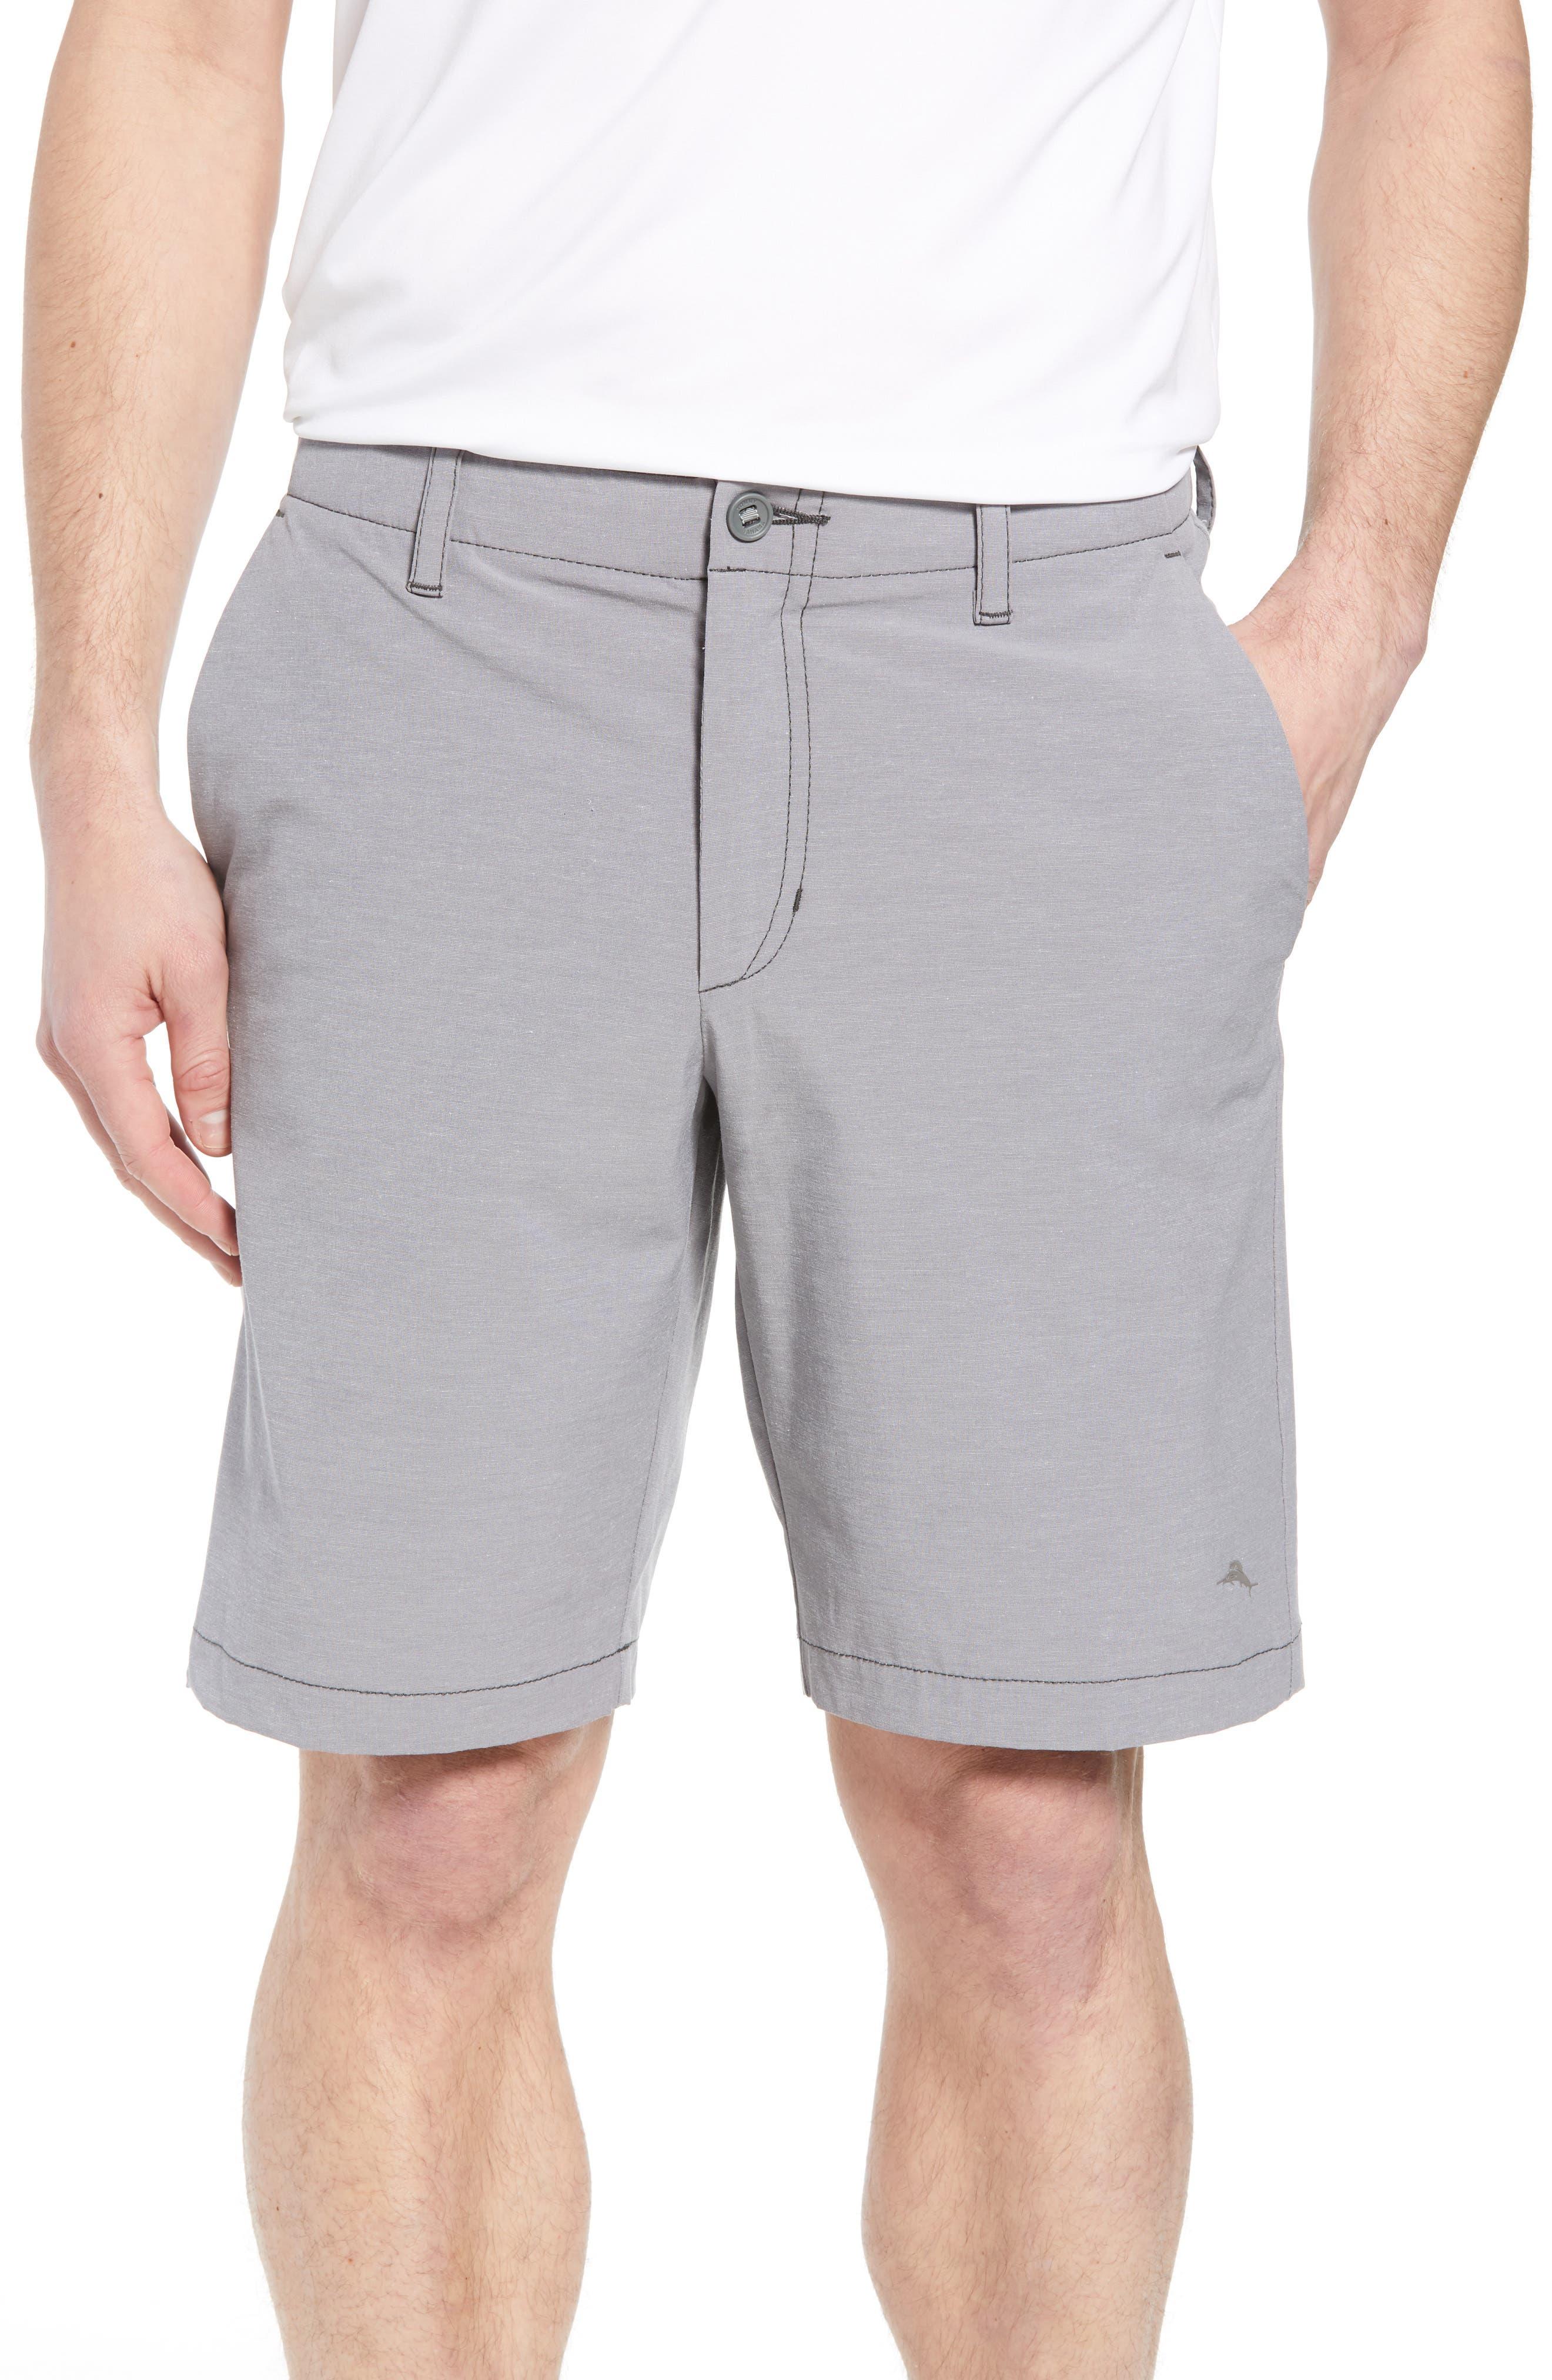 Chip & Run Shorts,                         Main,                         color, Storm Gray